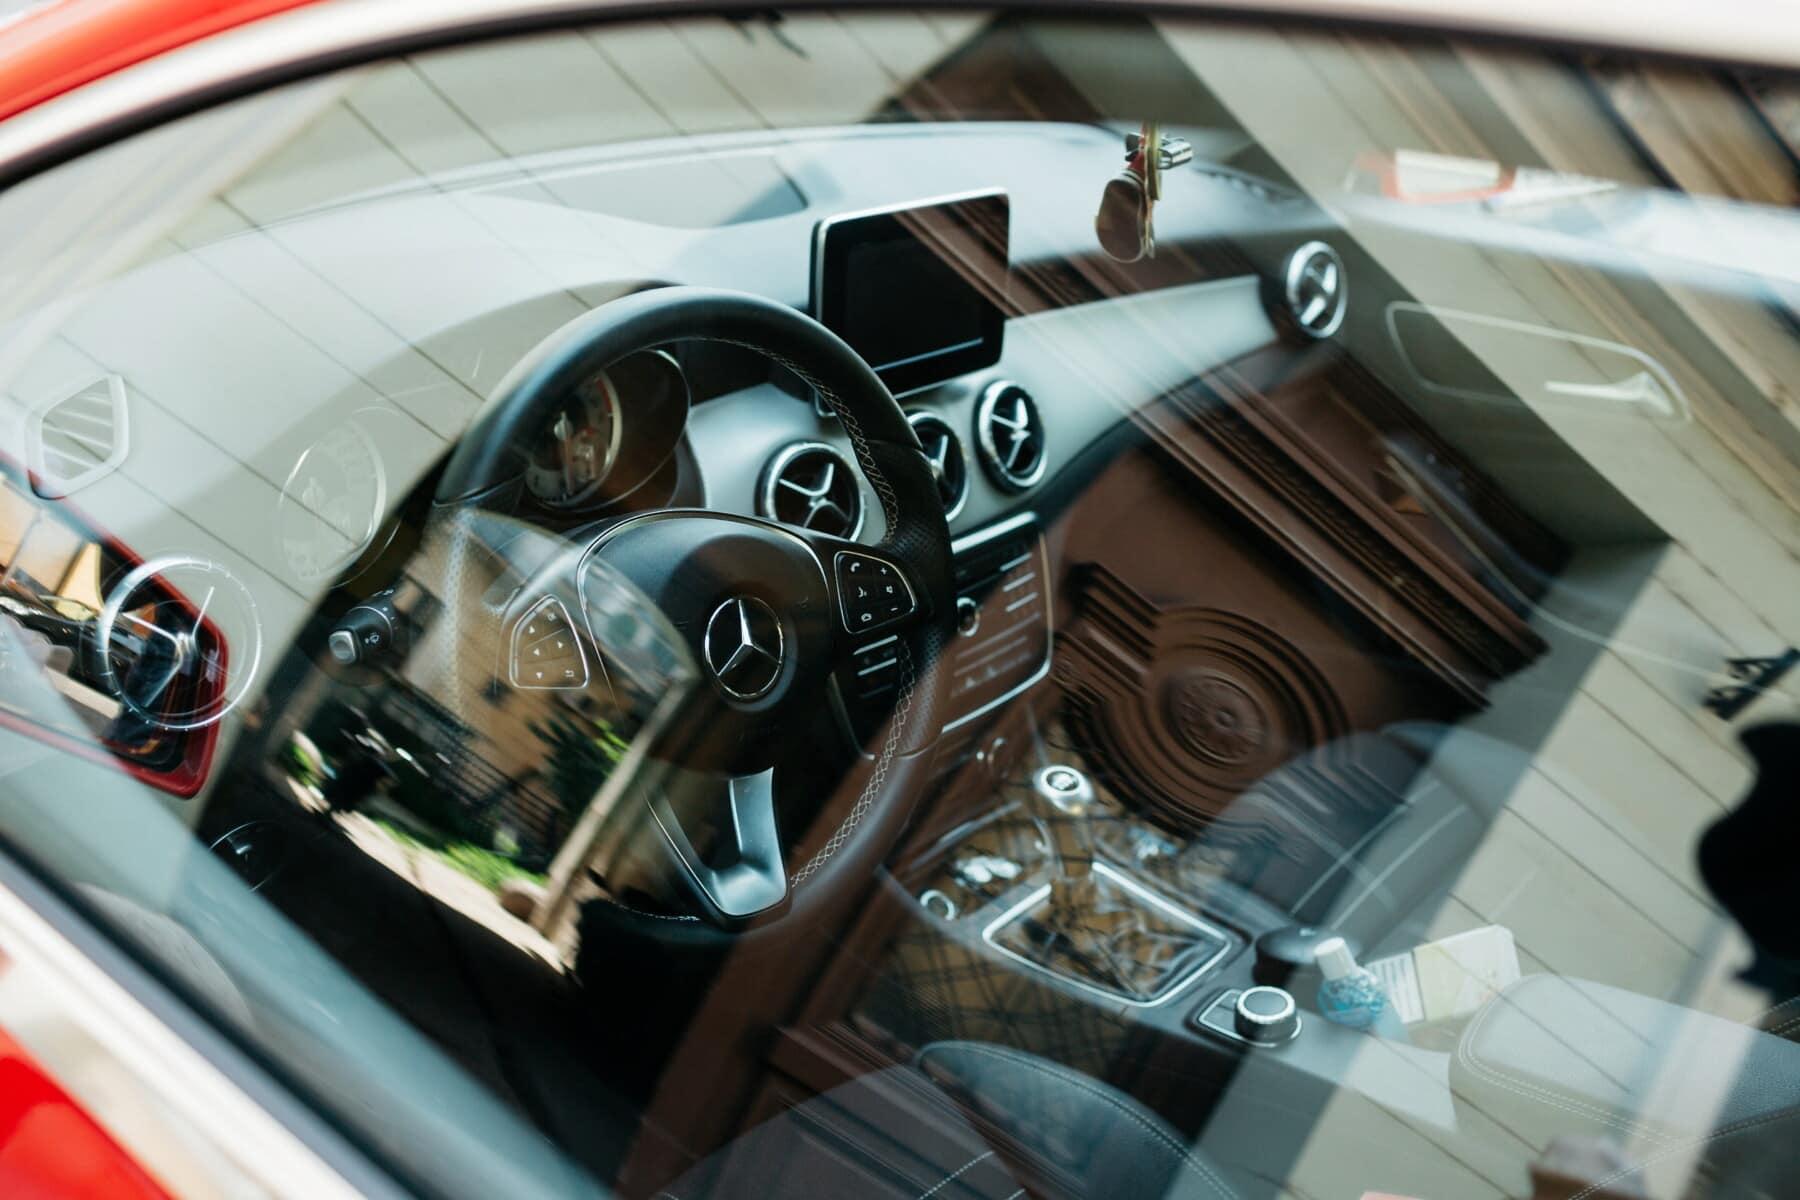 automotivo, volante, glass, painel de controle, assento de carro, velocímetro, caro, luxo, câmbio de marchas, moderna